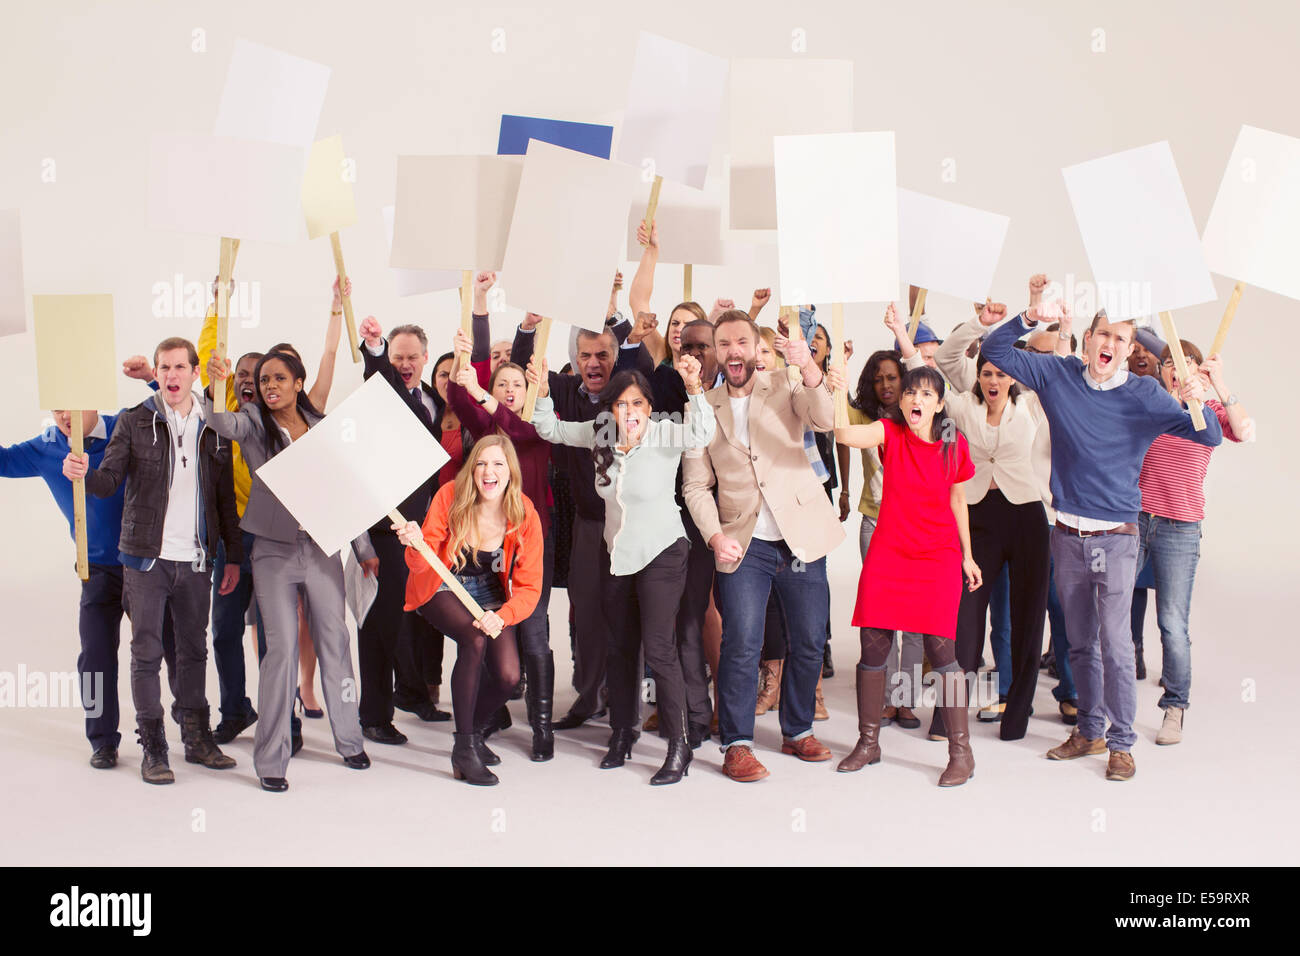 Los manifestantes con piquete signos Foto de stock